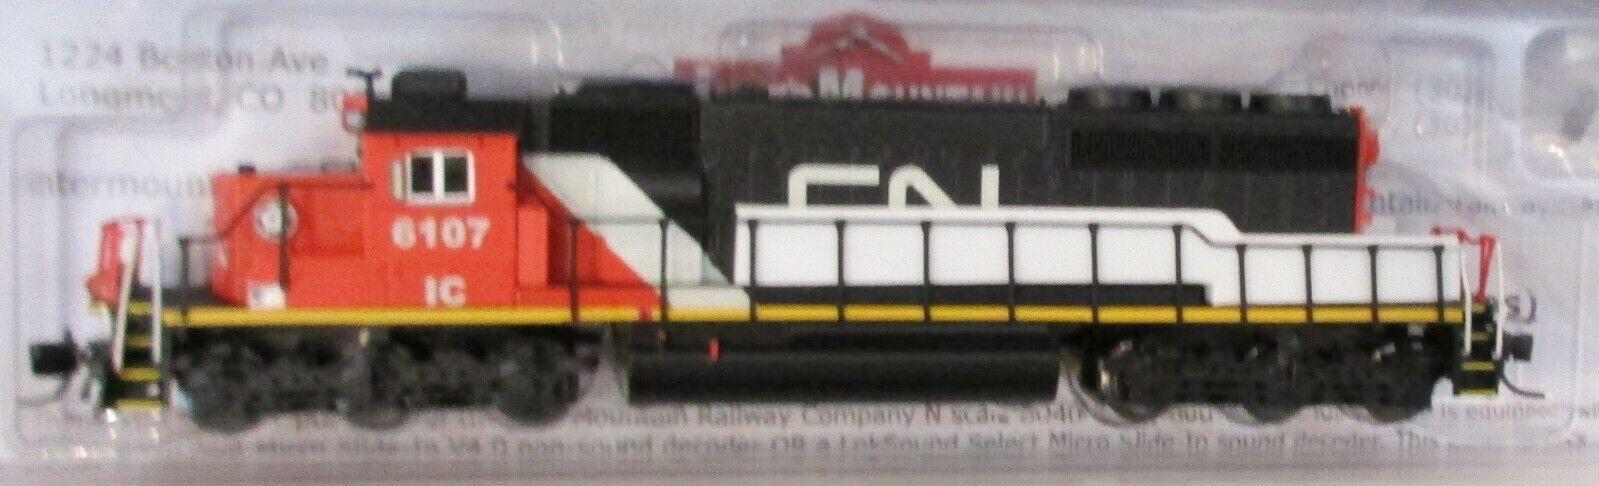 Intermountain Escala N-nacional canadiense IC SD40-2  6107 DCC Sonido 69335S-02